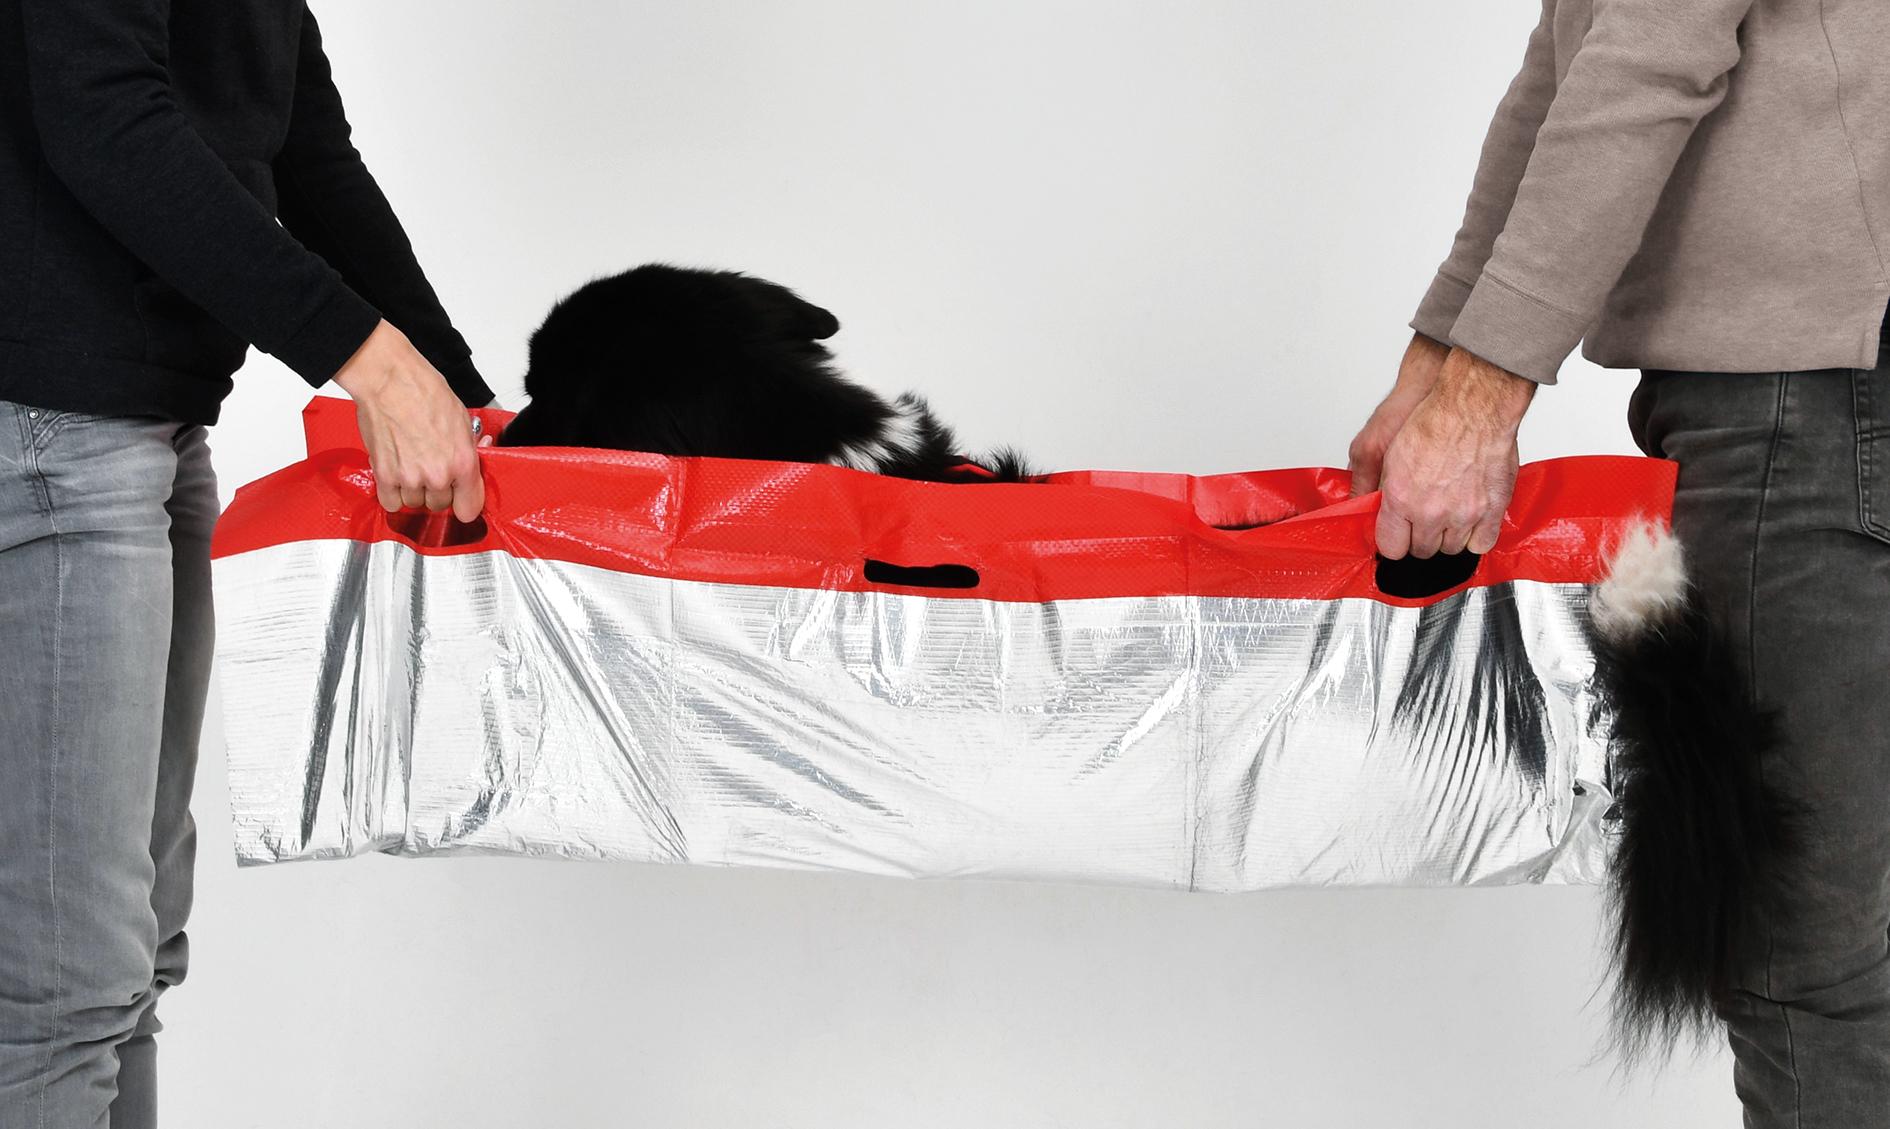 Die vorhandenen Tragegriffe und das reißfeste Material ermöglichen einen schnellen Transport zum Tierarzt.